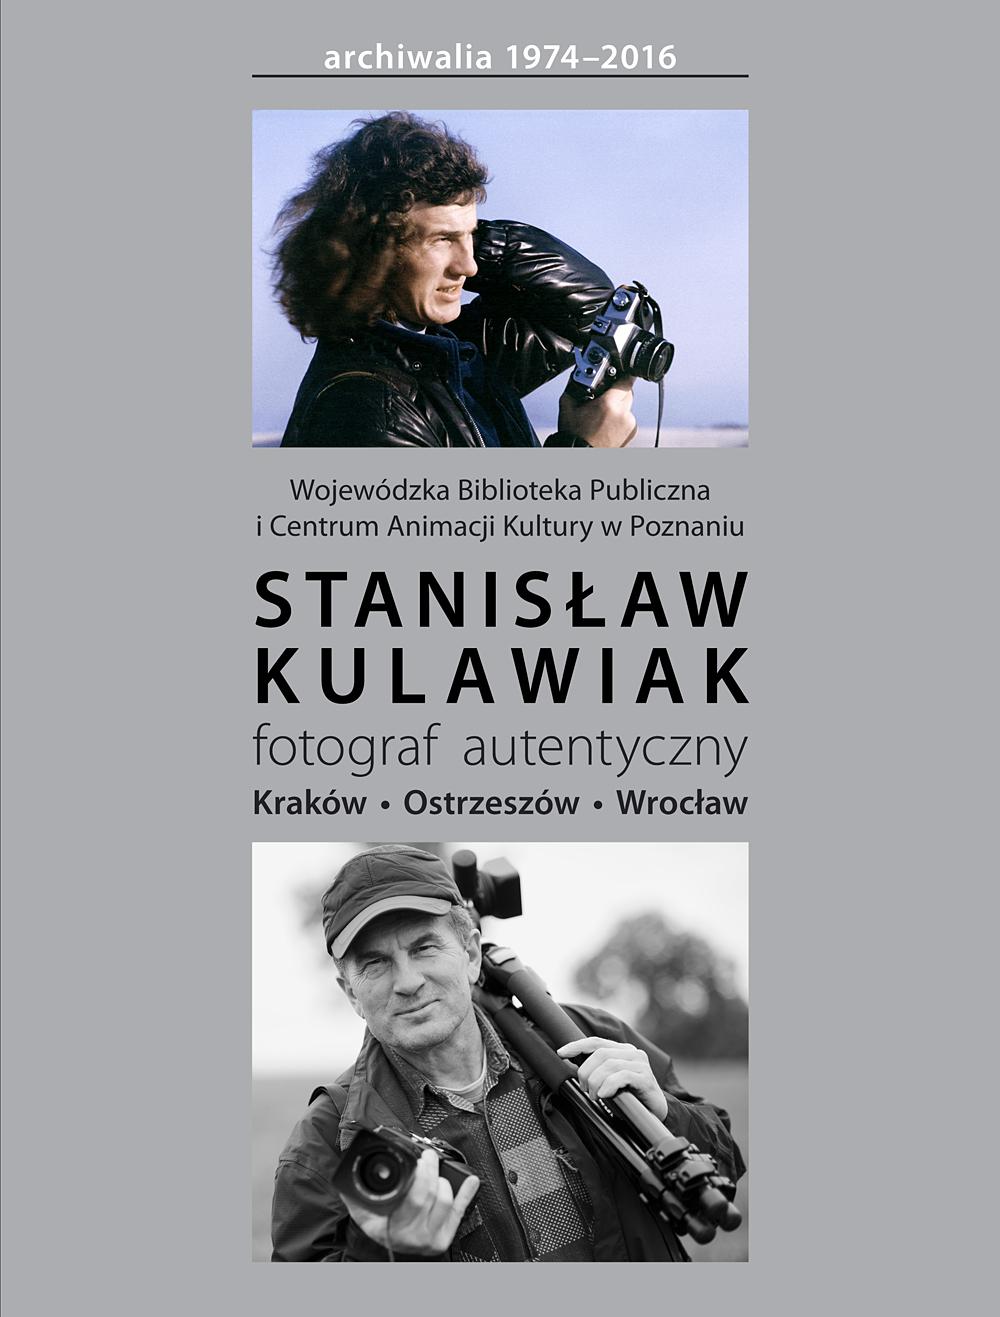 kulawiak_wbp_poznan_2016.indd